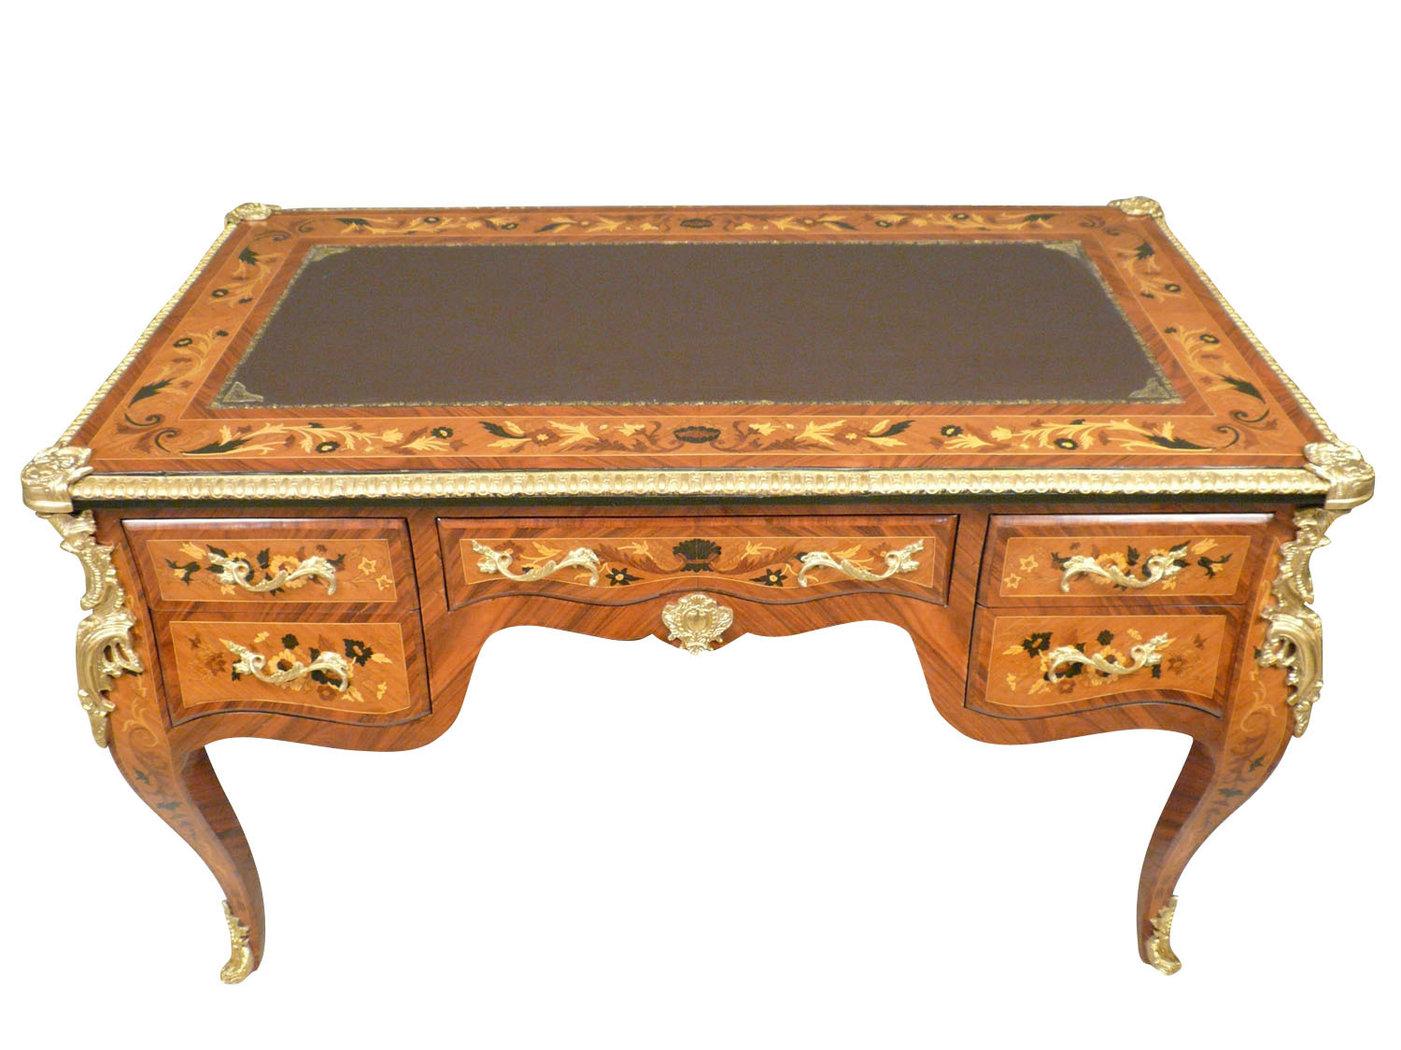 Bureau louis xv vendre meuble louis xv - Bureau en bois a vendre ...